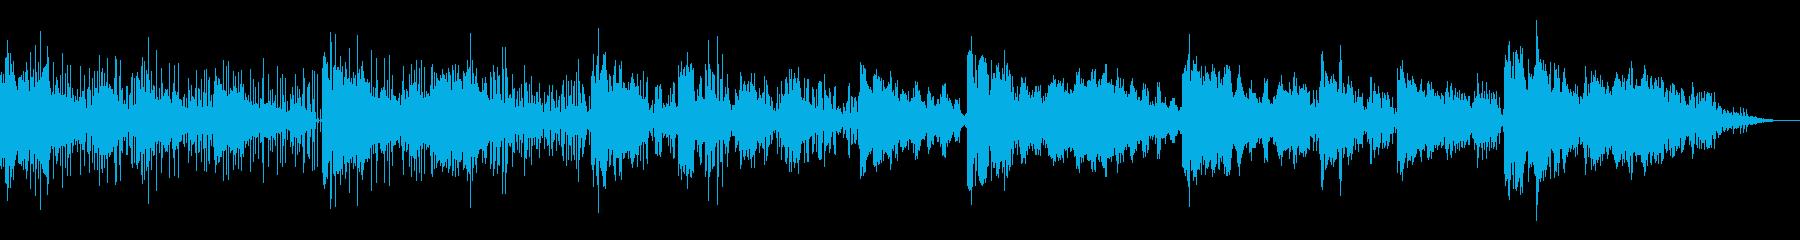 シネマティックでアンビエントなIDMの再生済みの波形